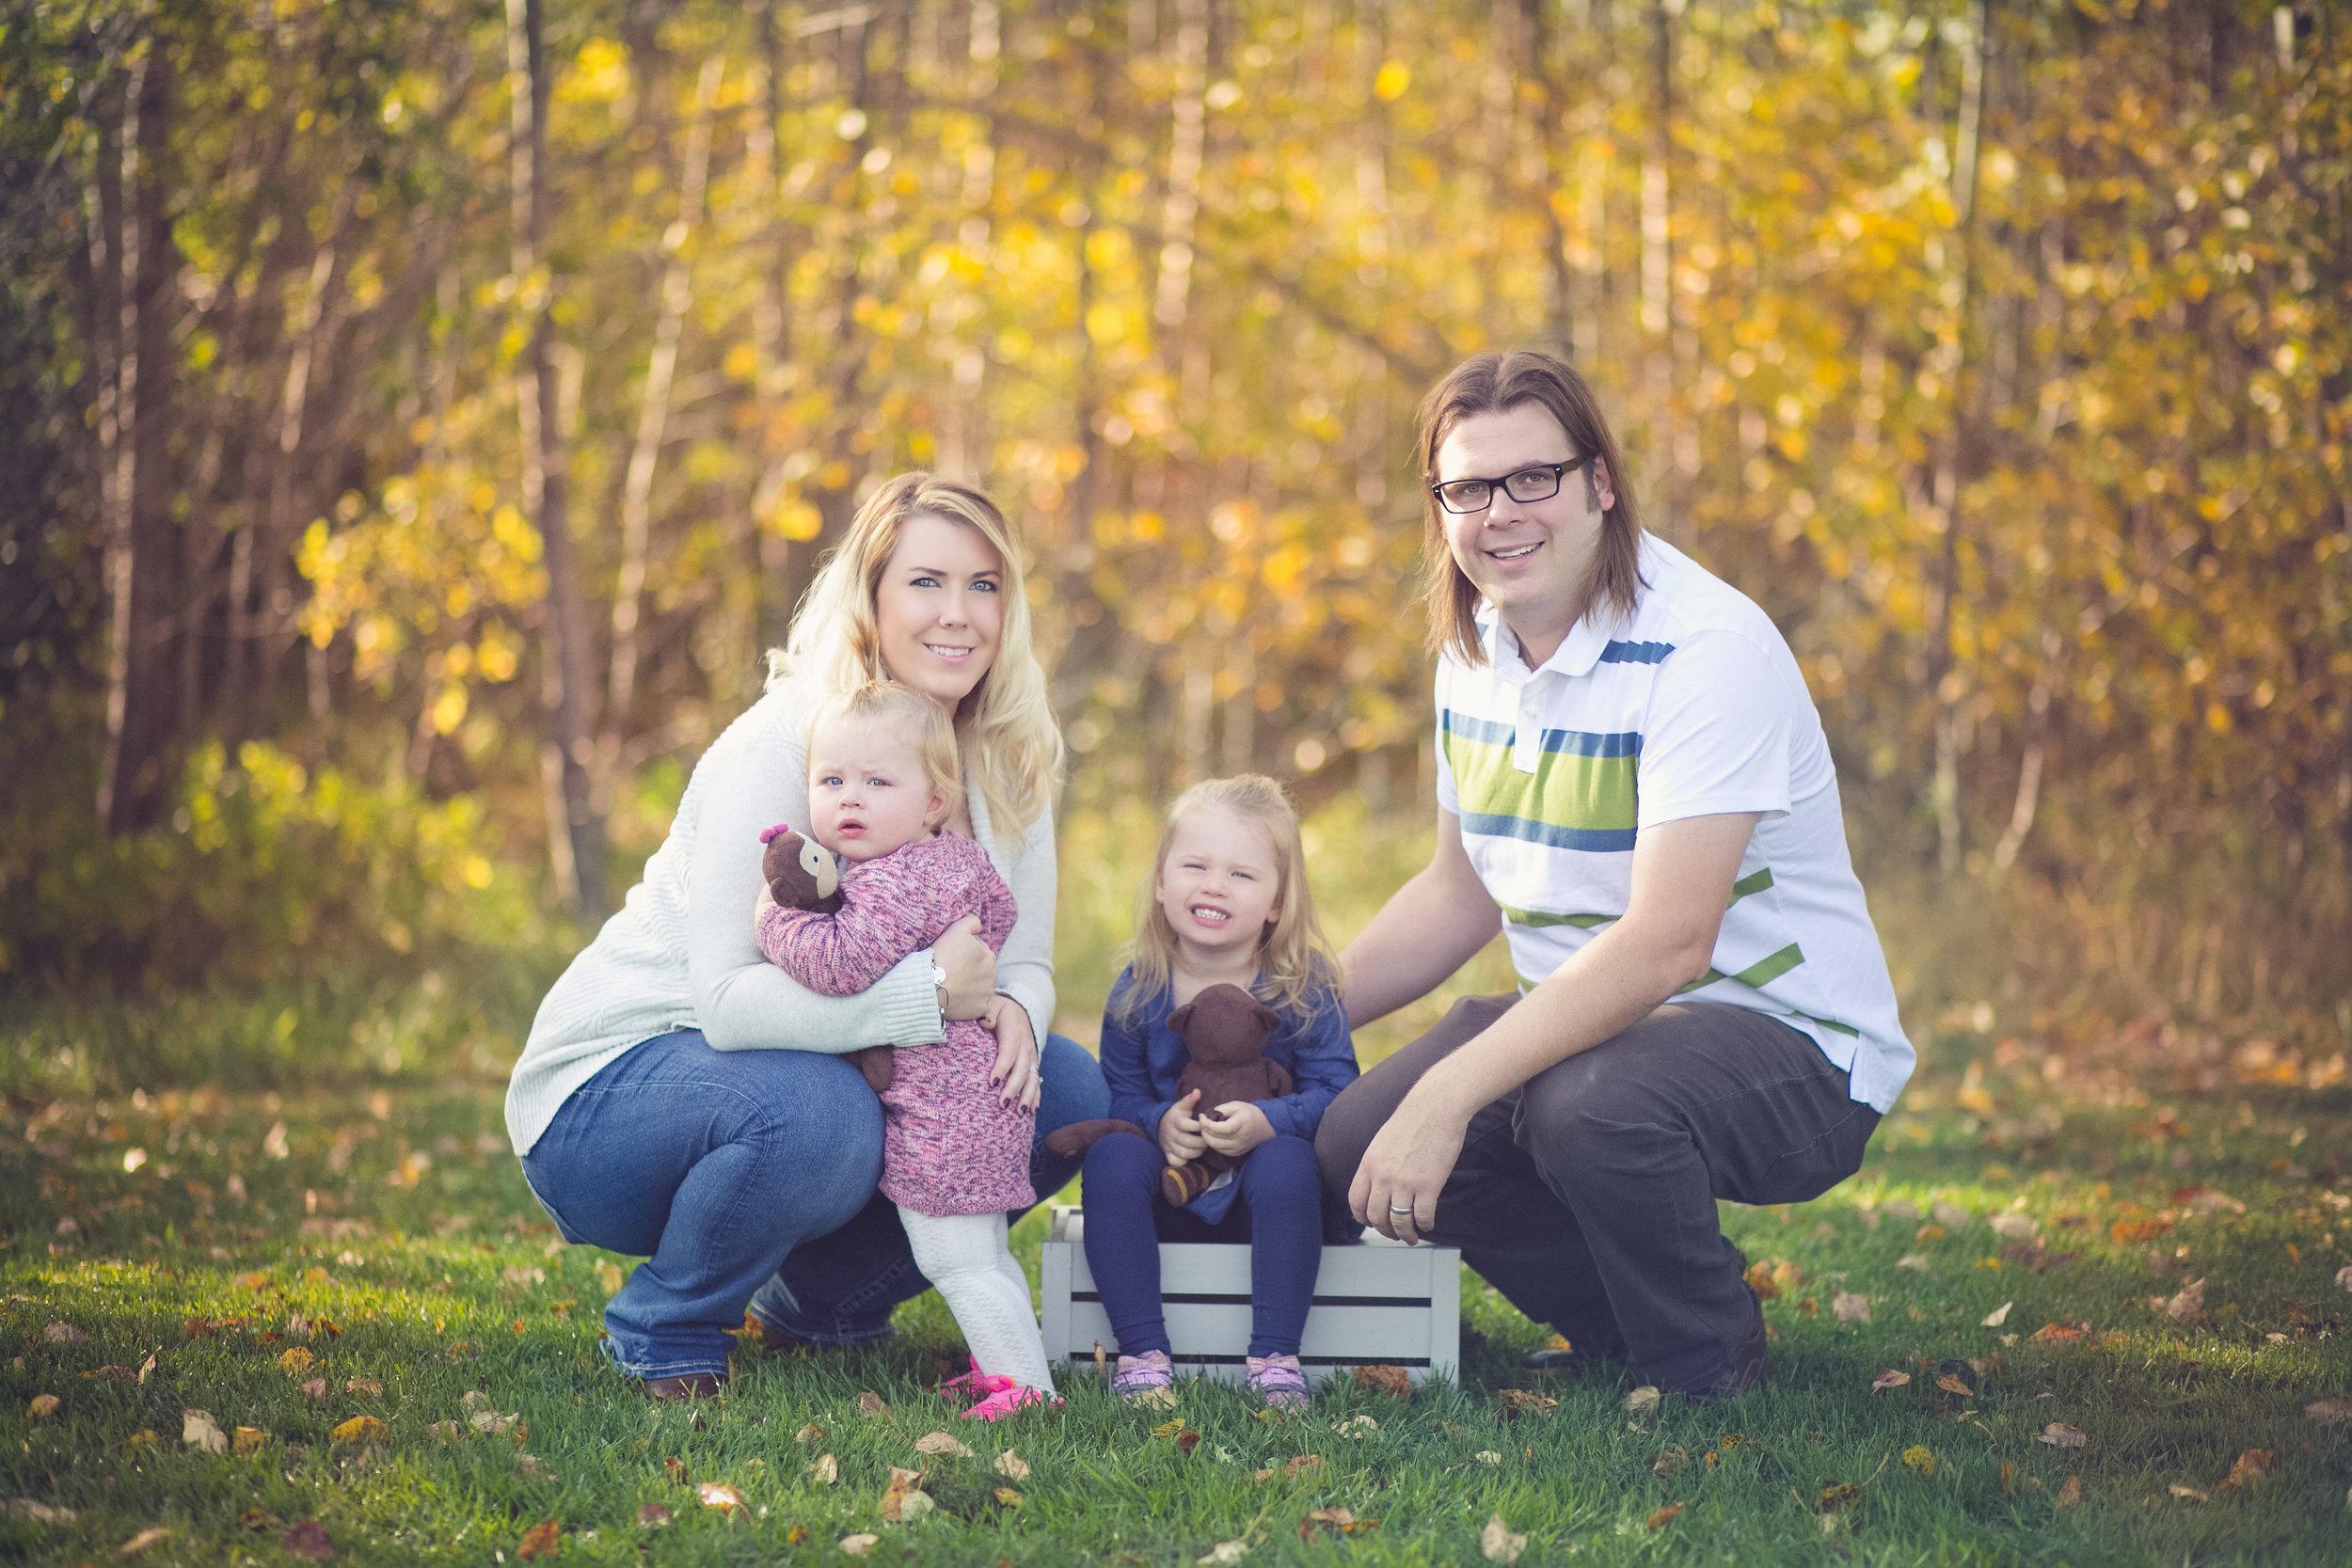 Clarke_family_photos-4.jpg